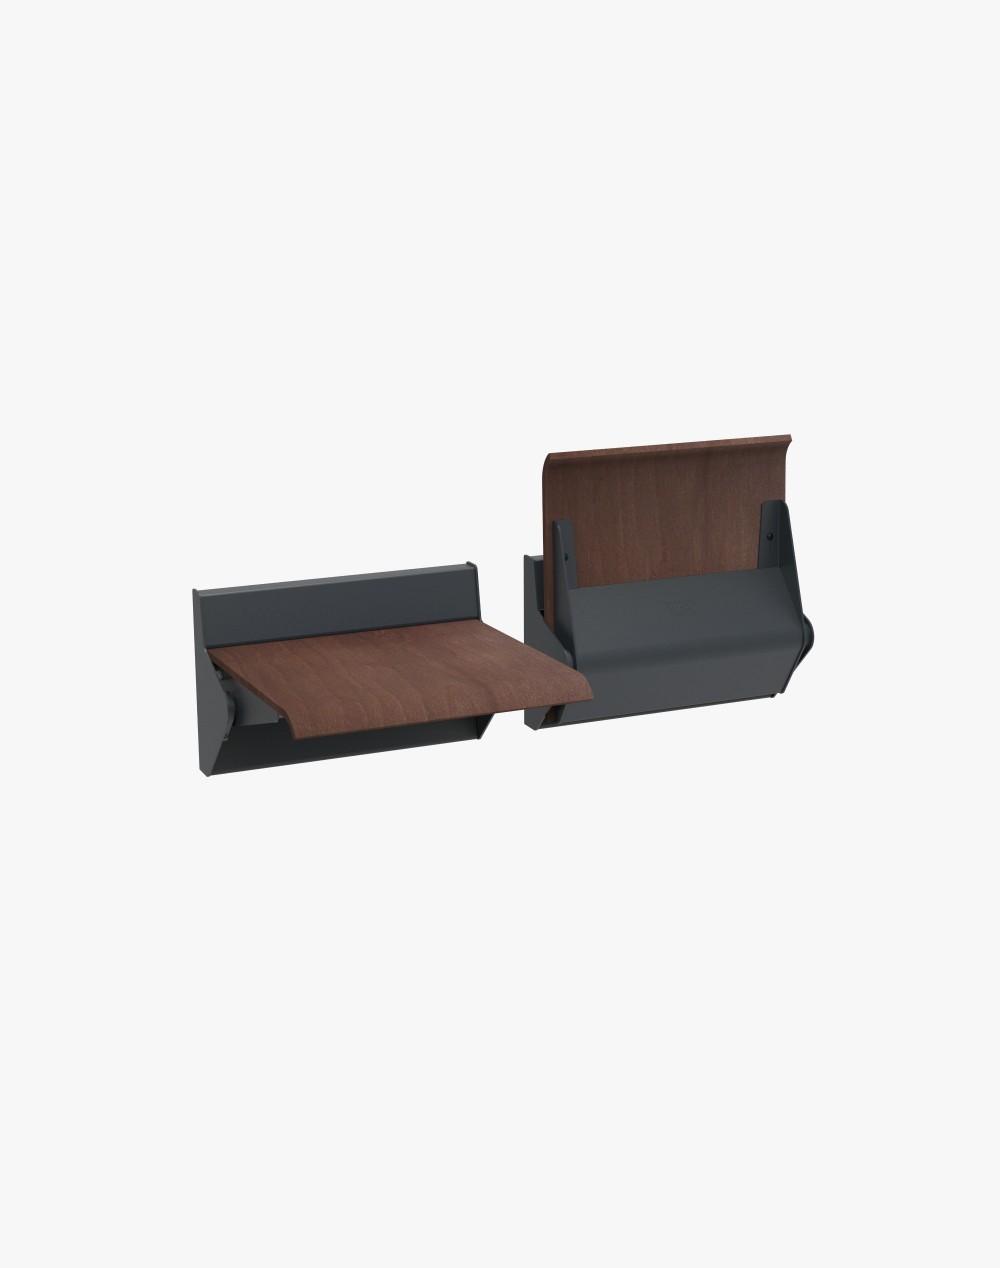 Niskie siedzisko naścienne - straponten z mechanizmem samopowrotu